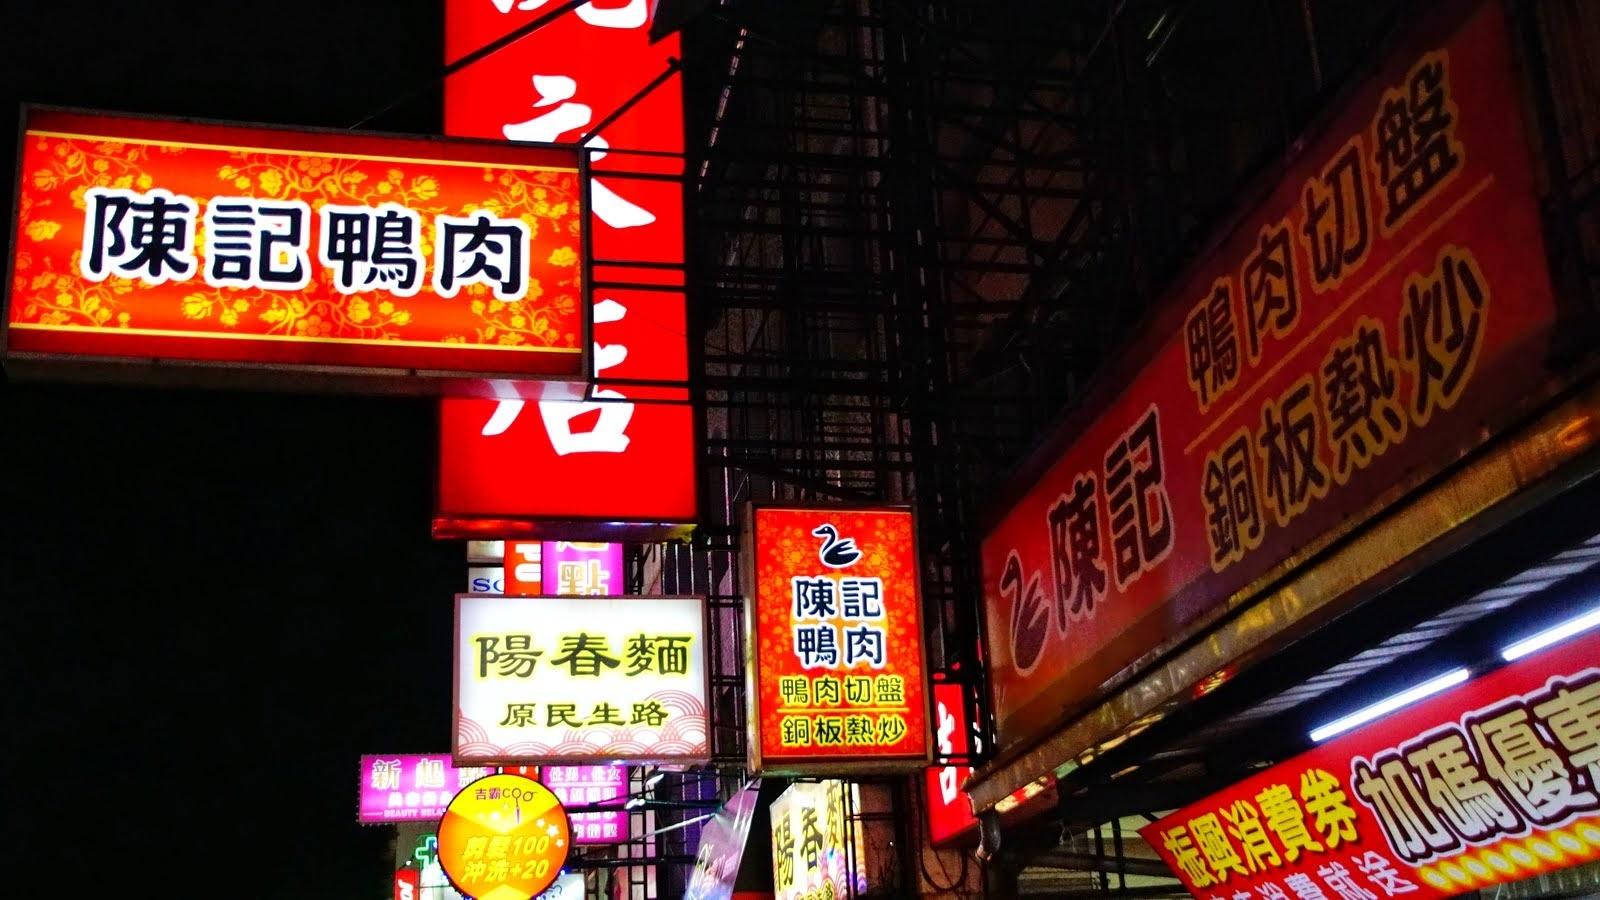 [台南][中西區] 陳記鴨肉|銅板價消夜熱炒店|食記